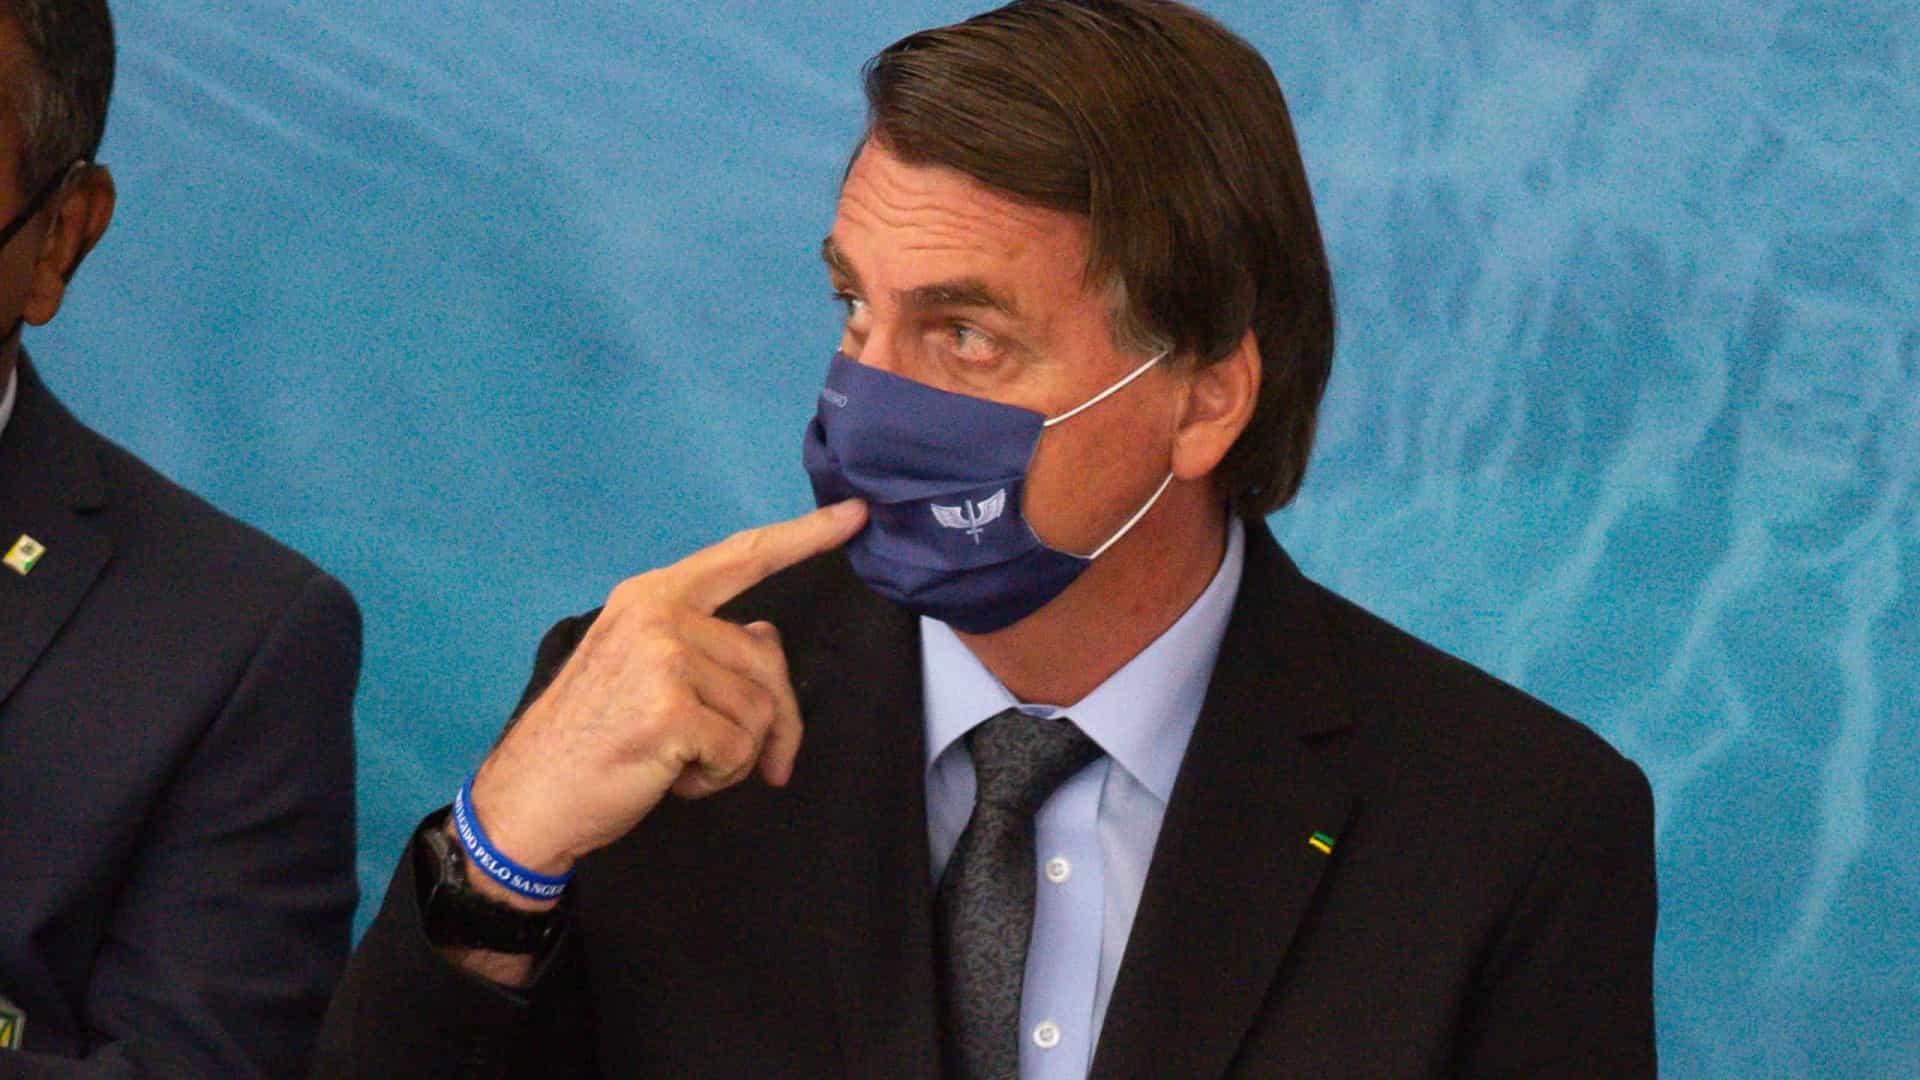 naom 6059e32706bf3 - 'Lamentamos as mortes, mas, apesar de tudo, o Brasil vai bem', diz Bolsonaro